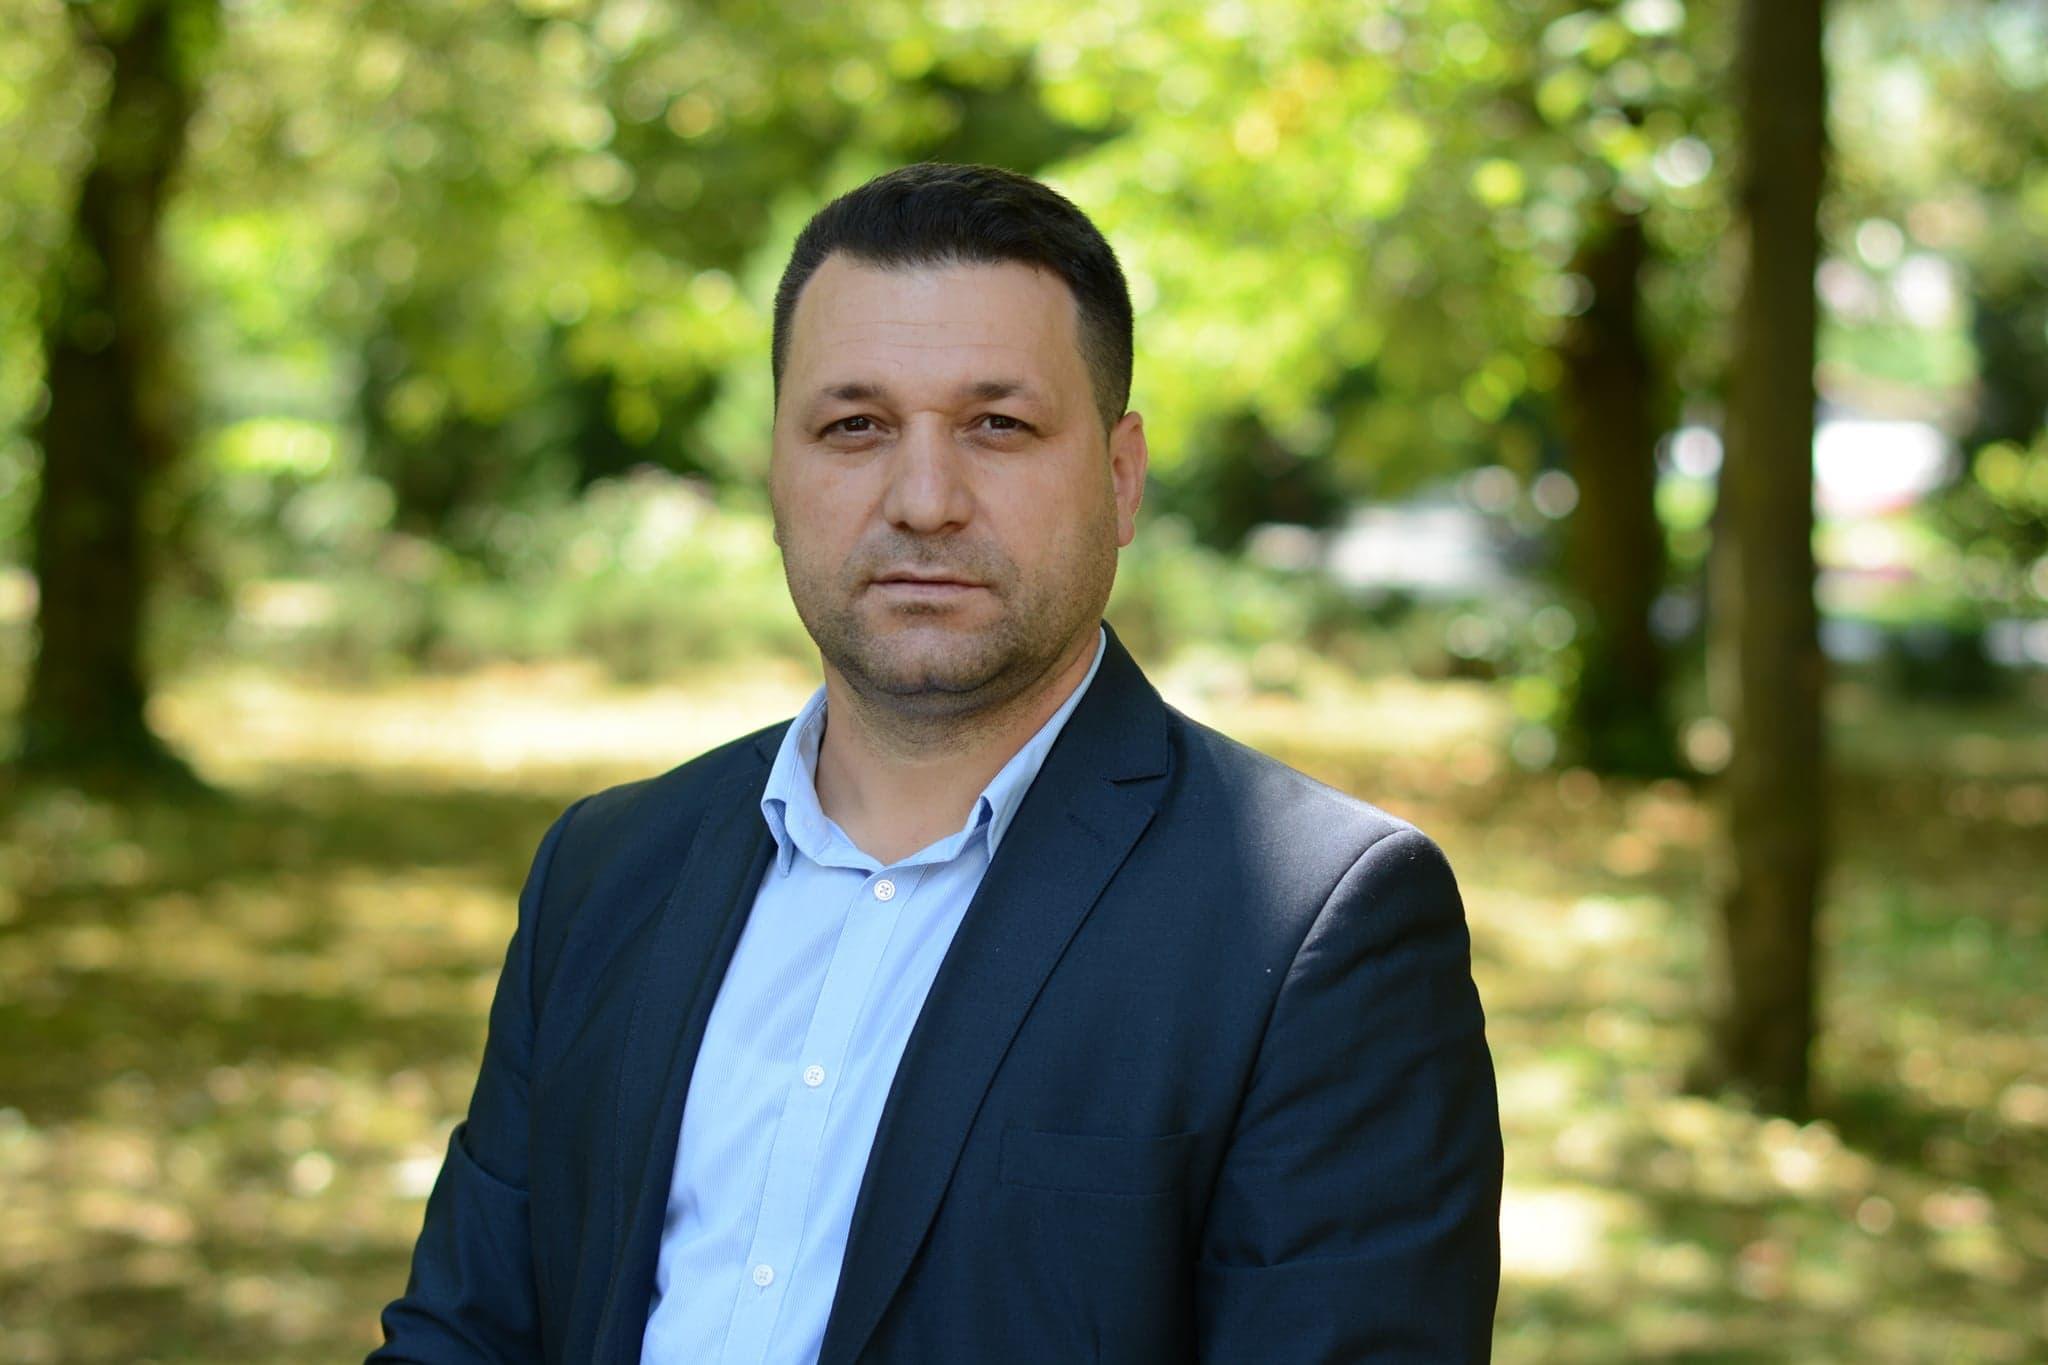 """Adrian Mitrache: """"Mulţumesc tuturor cetăţenilor pentru încrederea acordată"""""""